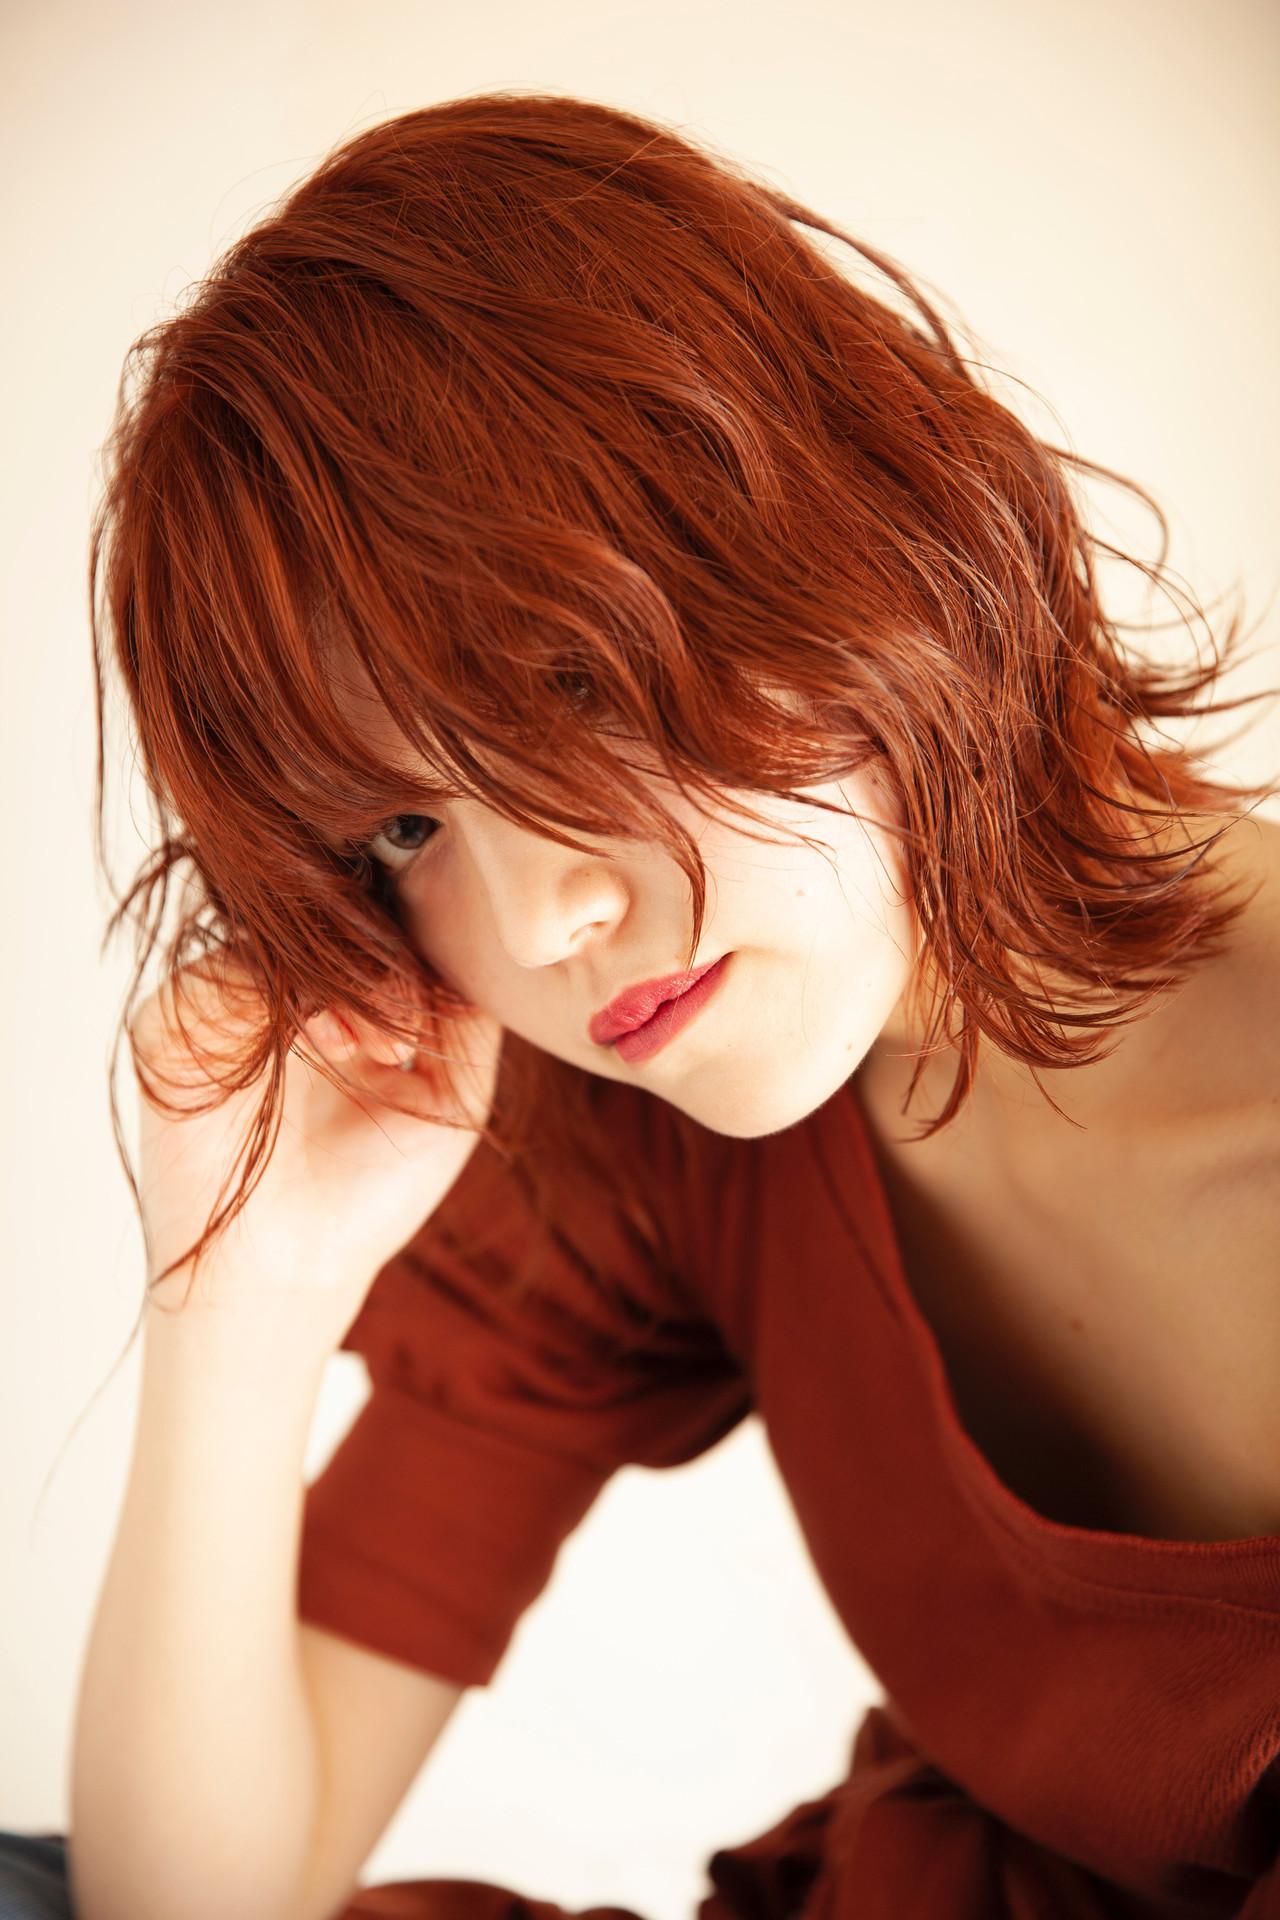 ミディアム ネオウルフ オレンジカラー オレンジベージュ ヘアスタイルや髪型の写真・画像